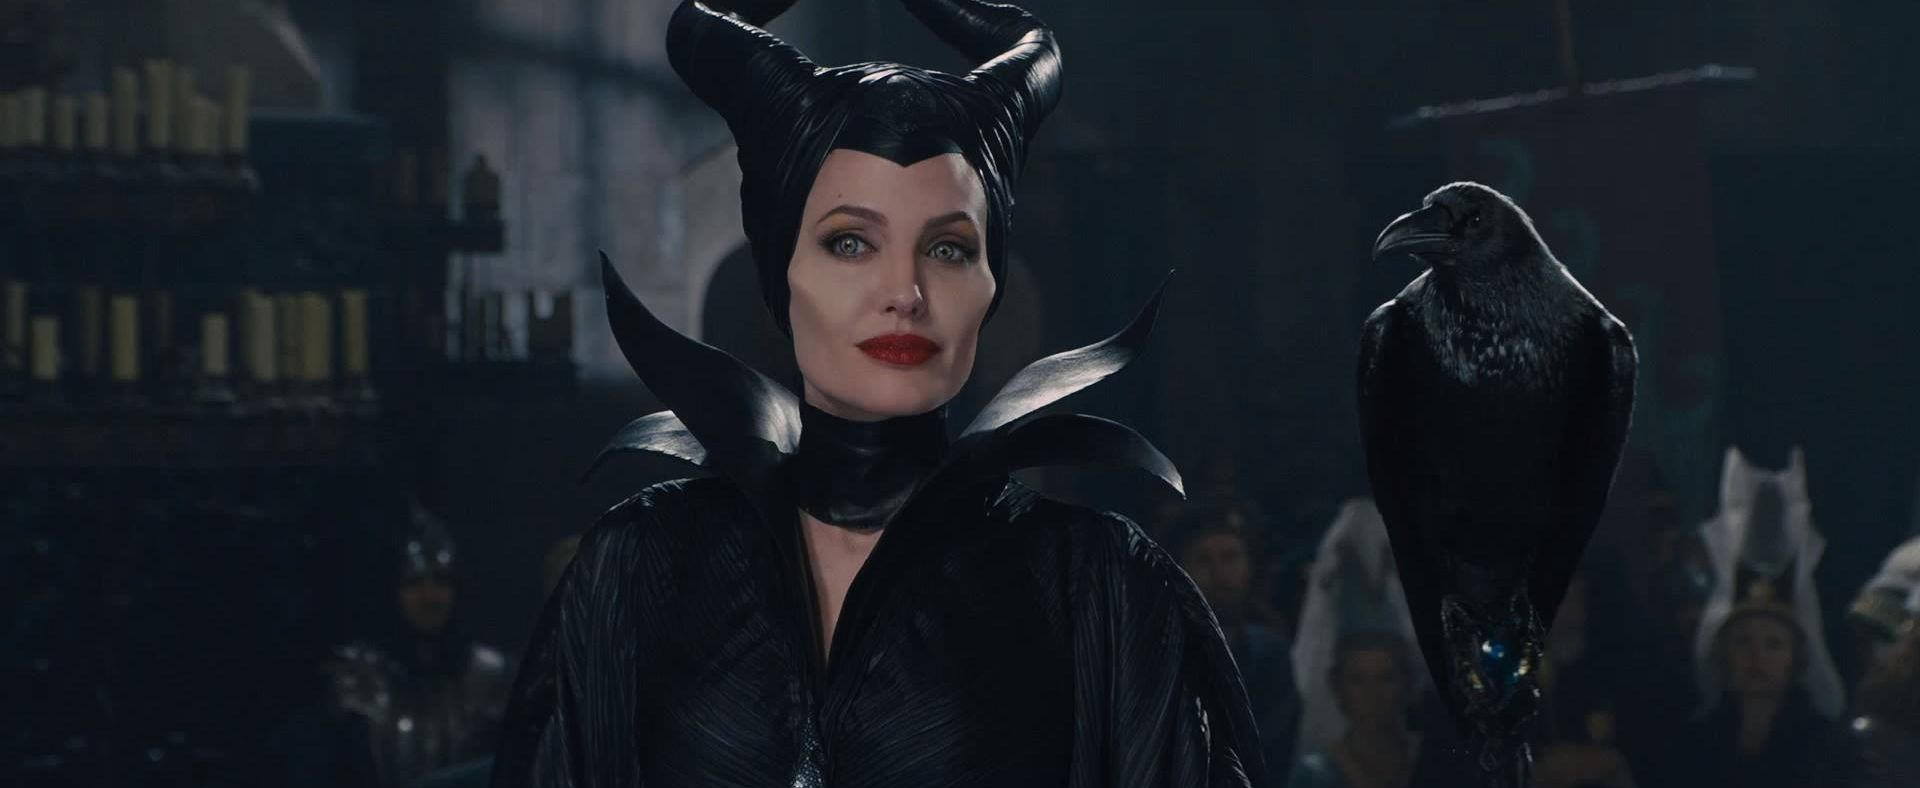 NAJAVE IZ DISNEYJA Čak devet projekata do 2019. godine, Angelina Jolie se vraća kao Maleficent